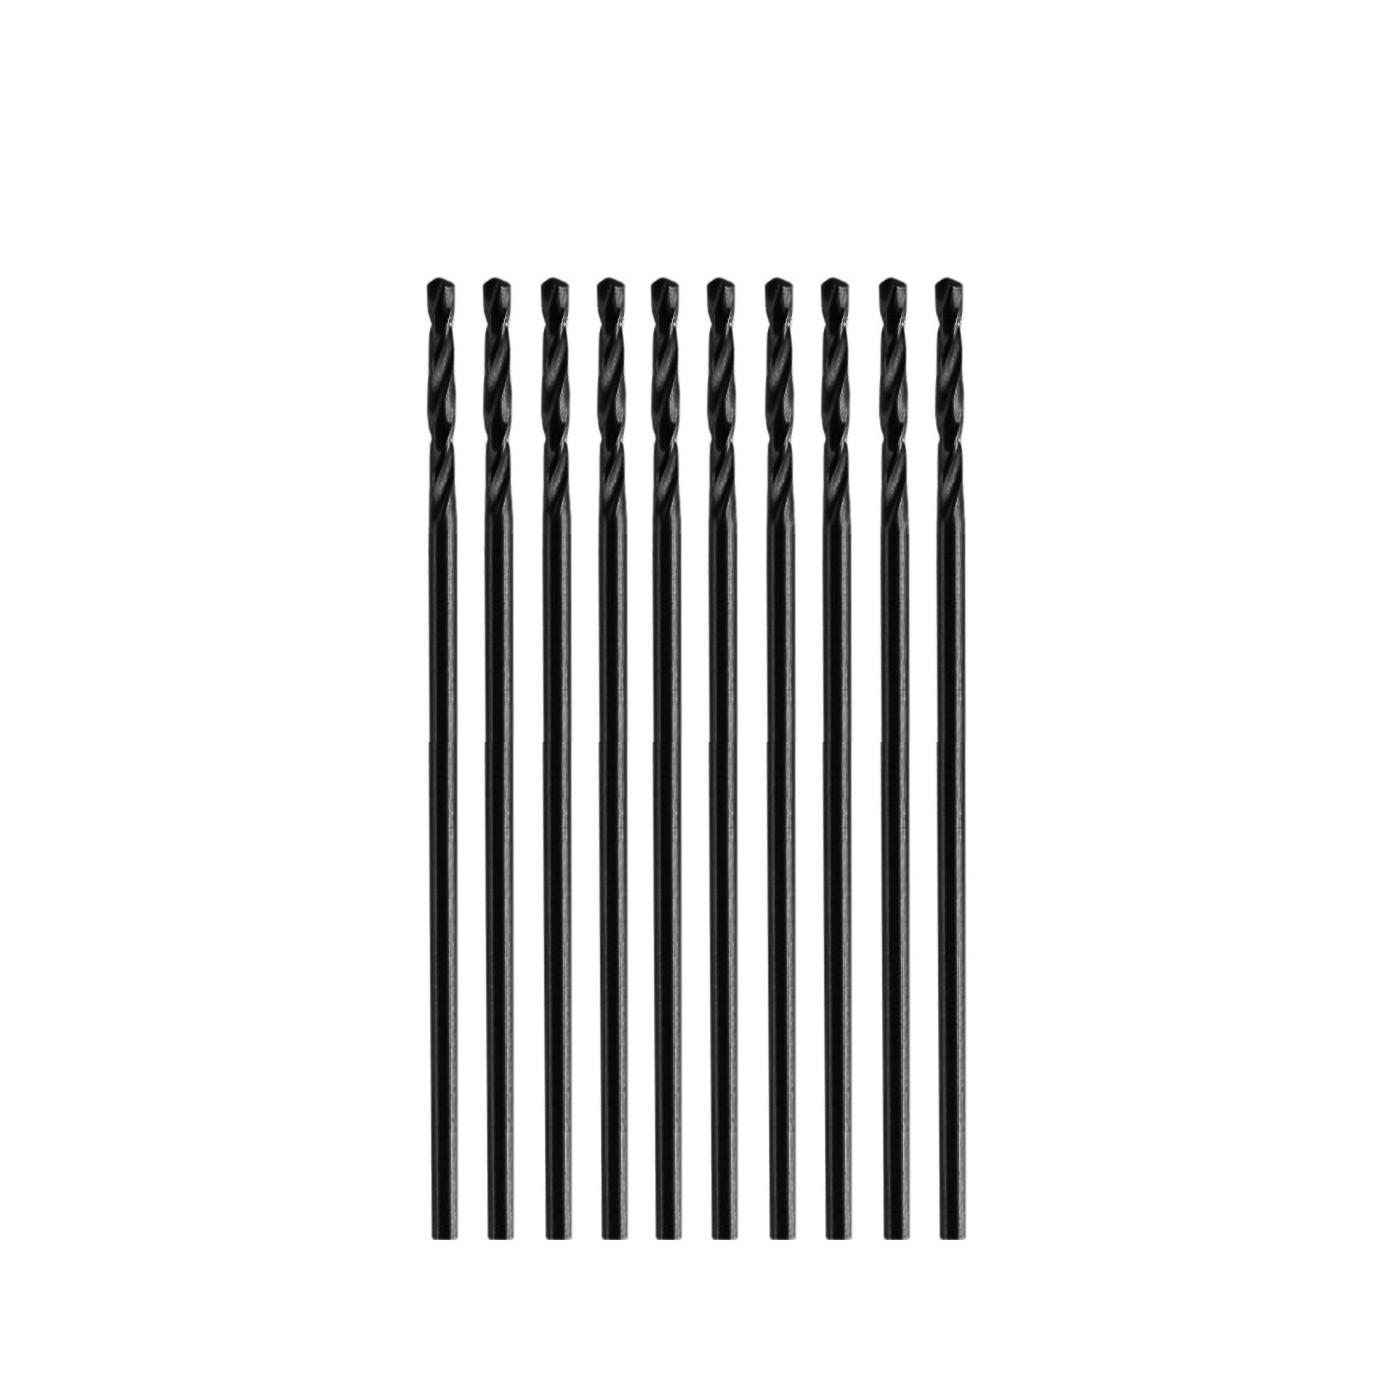 Set von 10 kleinen Metallbohrern (2,0x50 mm, HSS-R) - 1